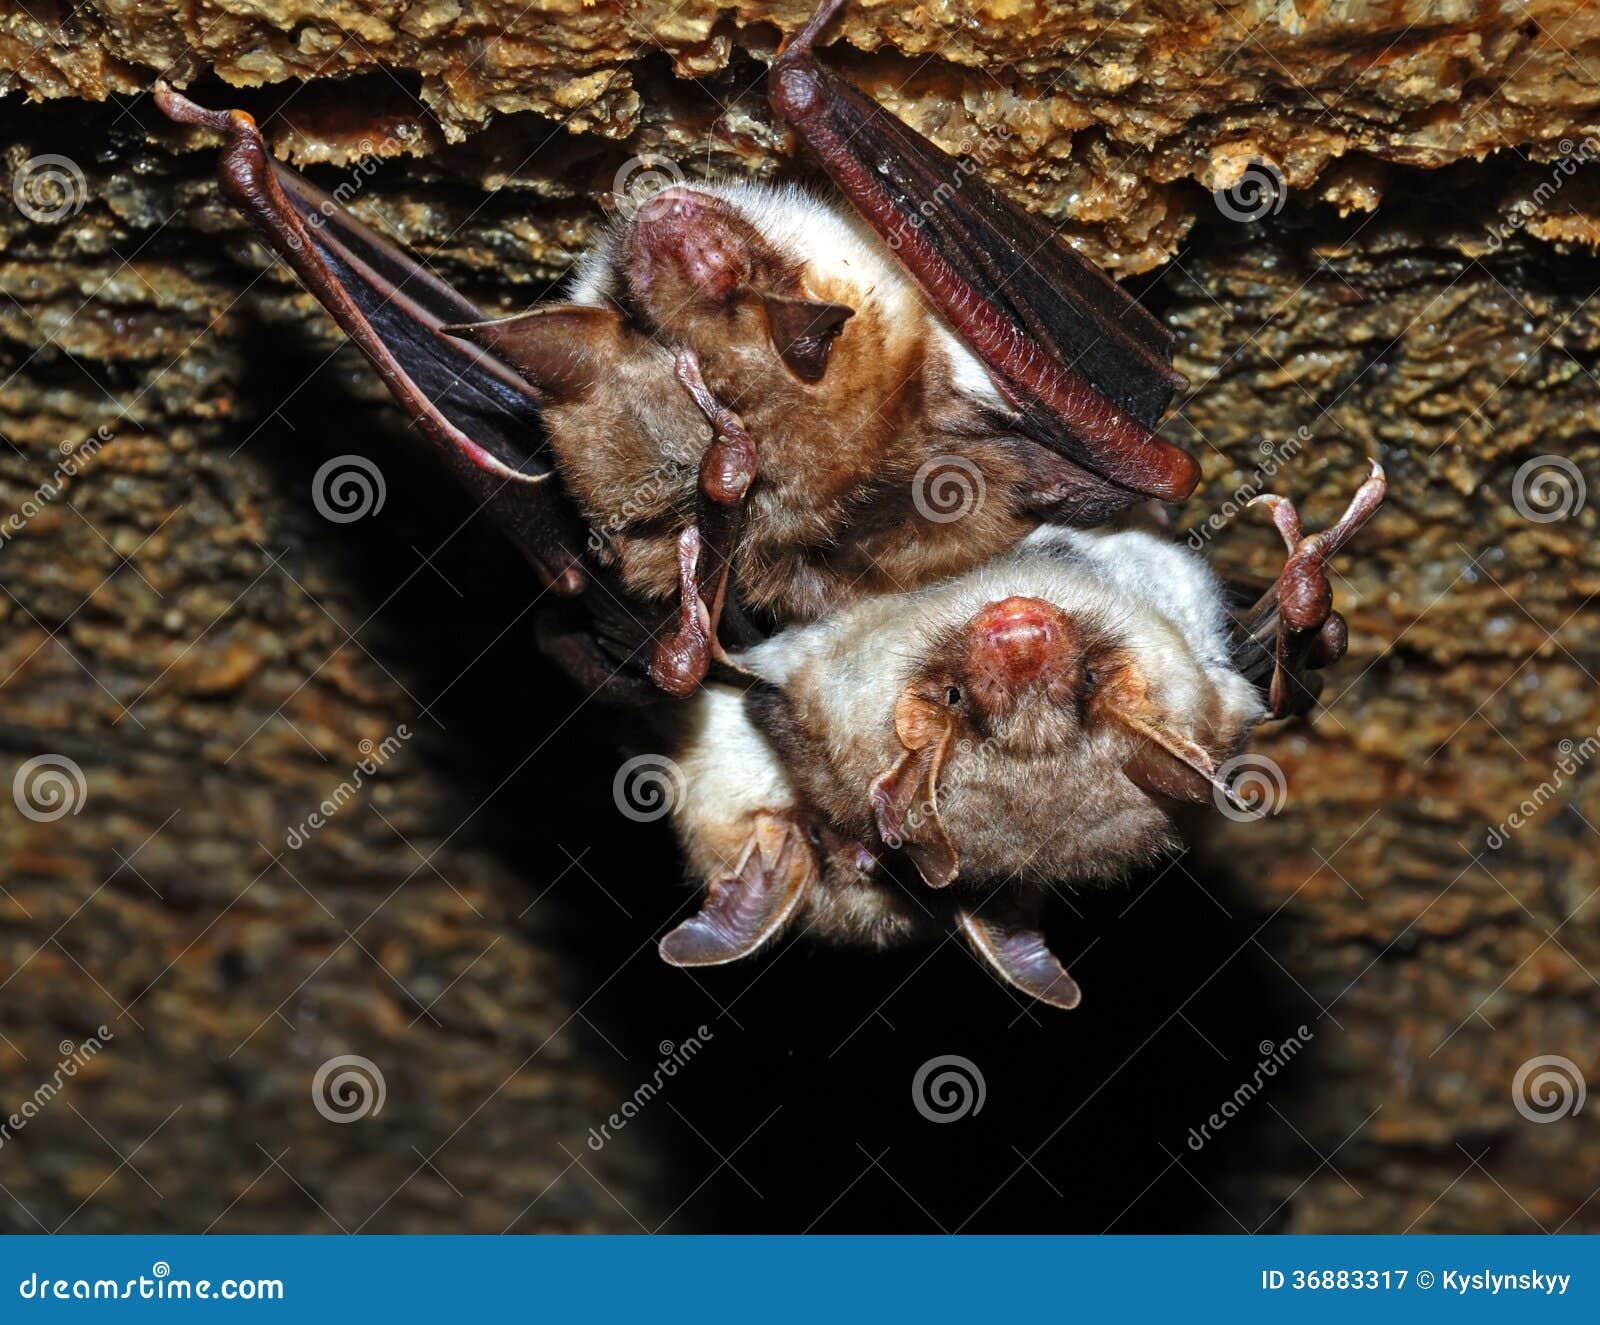 Download Pipistrello immagine stock. Immagine di caverna, habitat - 36883317